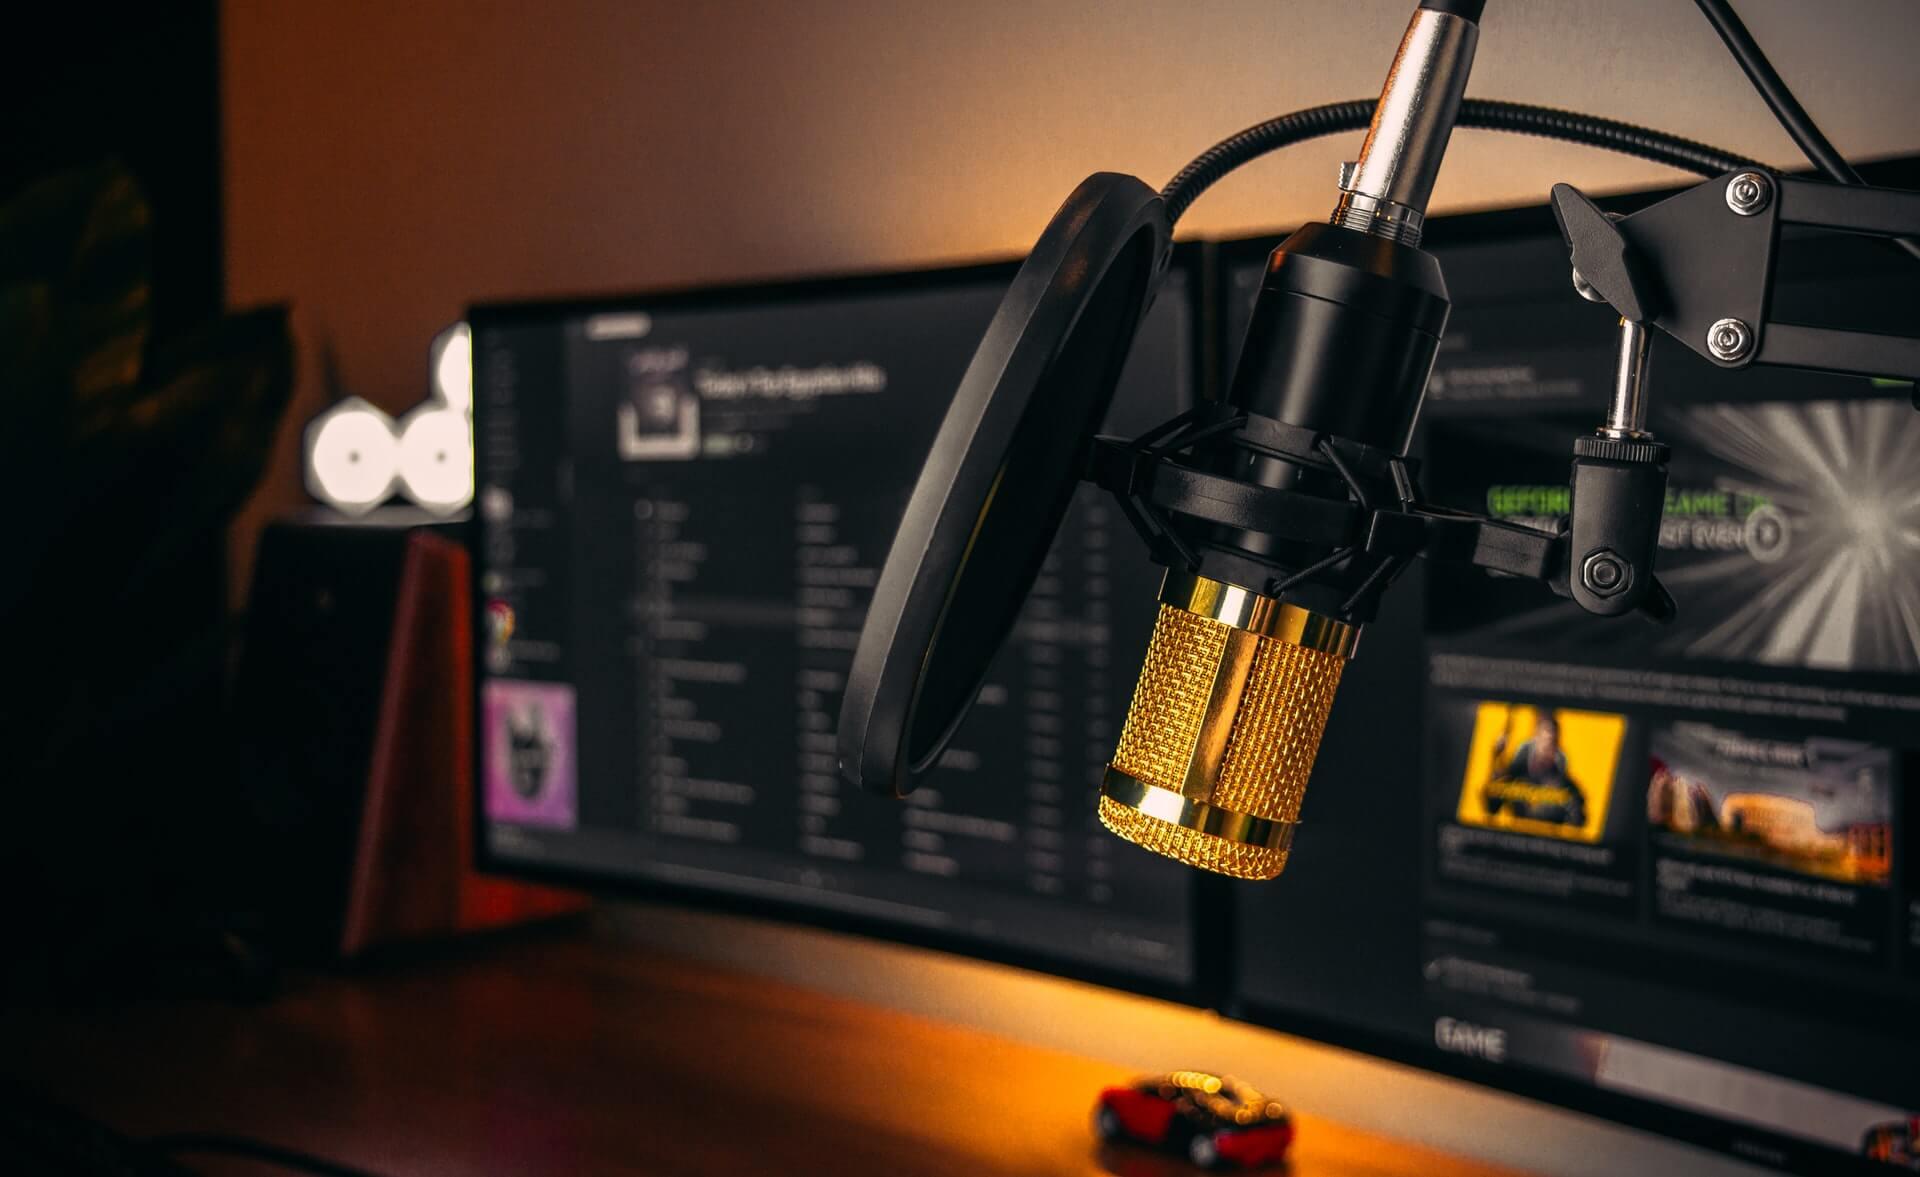 【AdAudio】AdAudio製作Podcast的3大好處2021